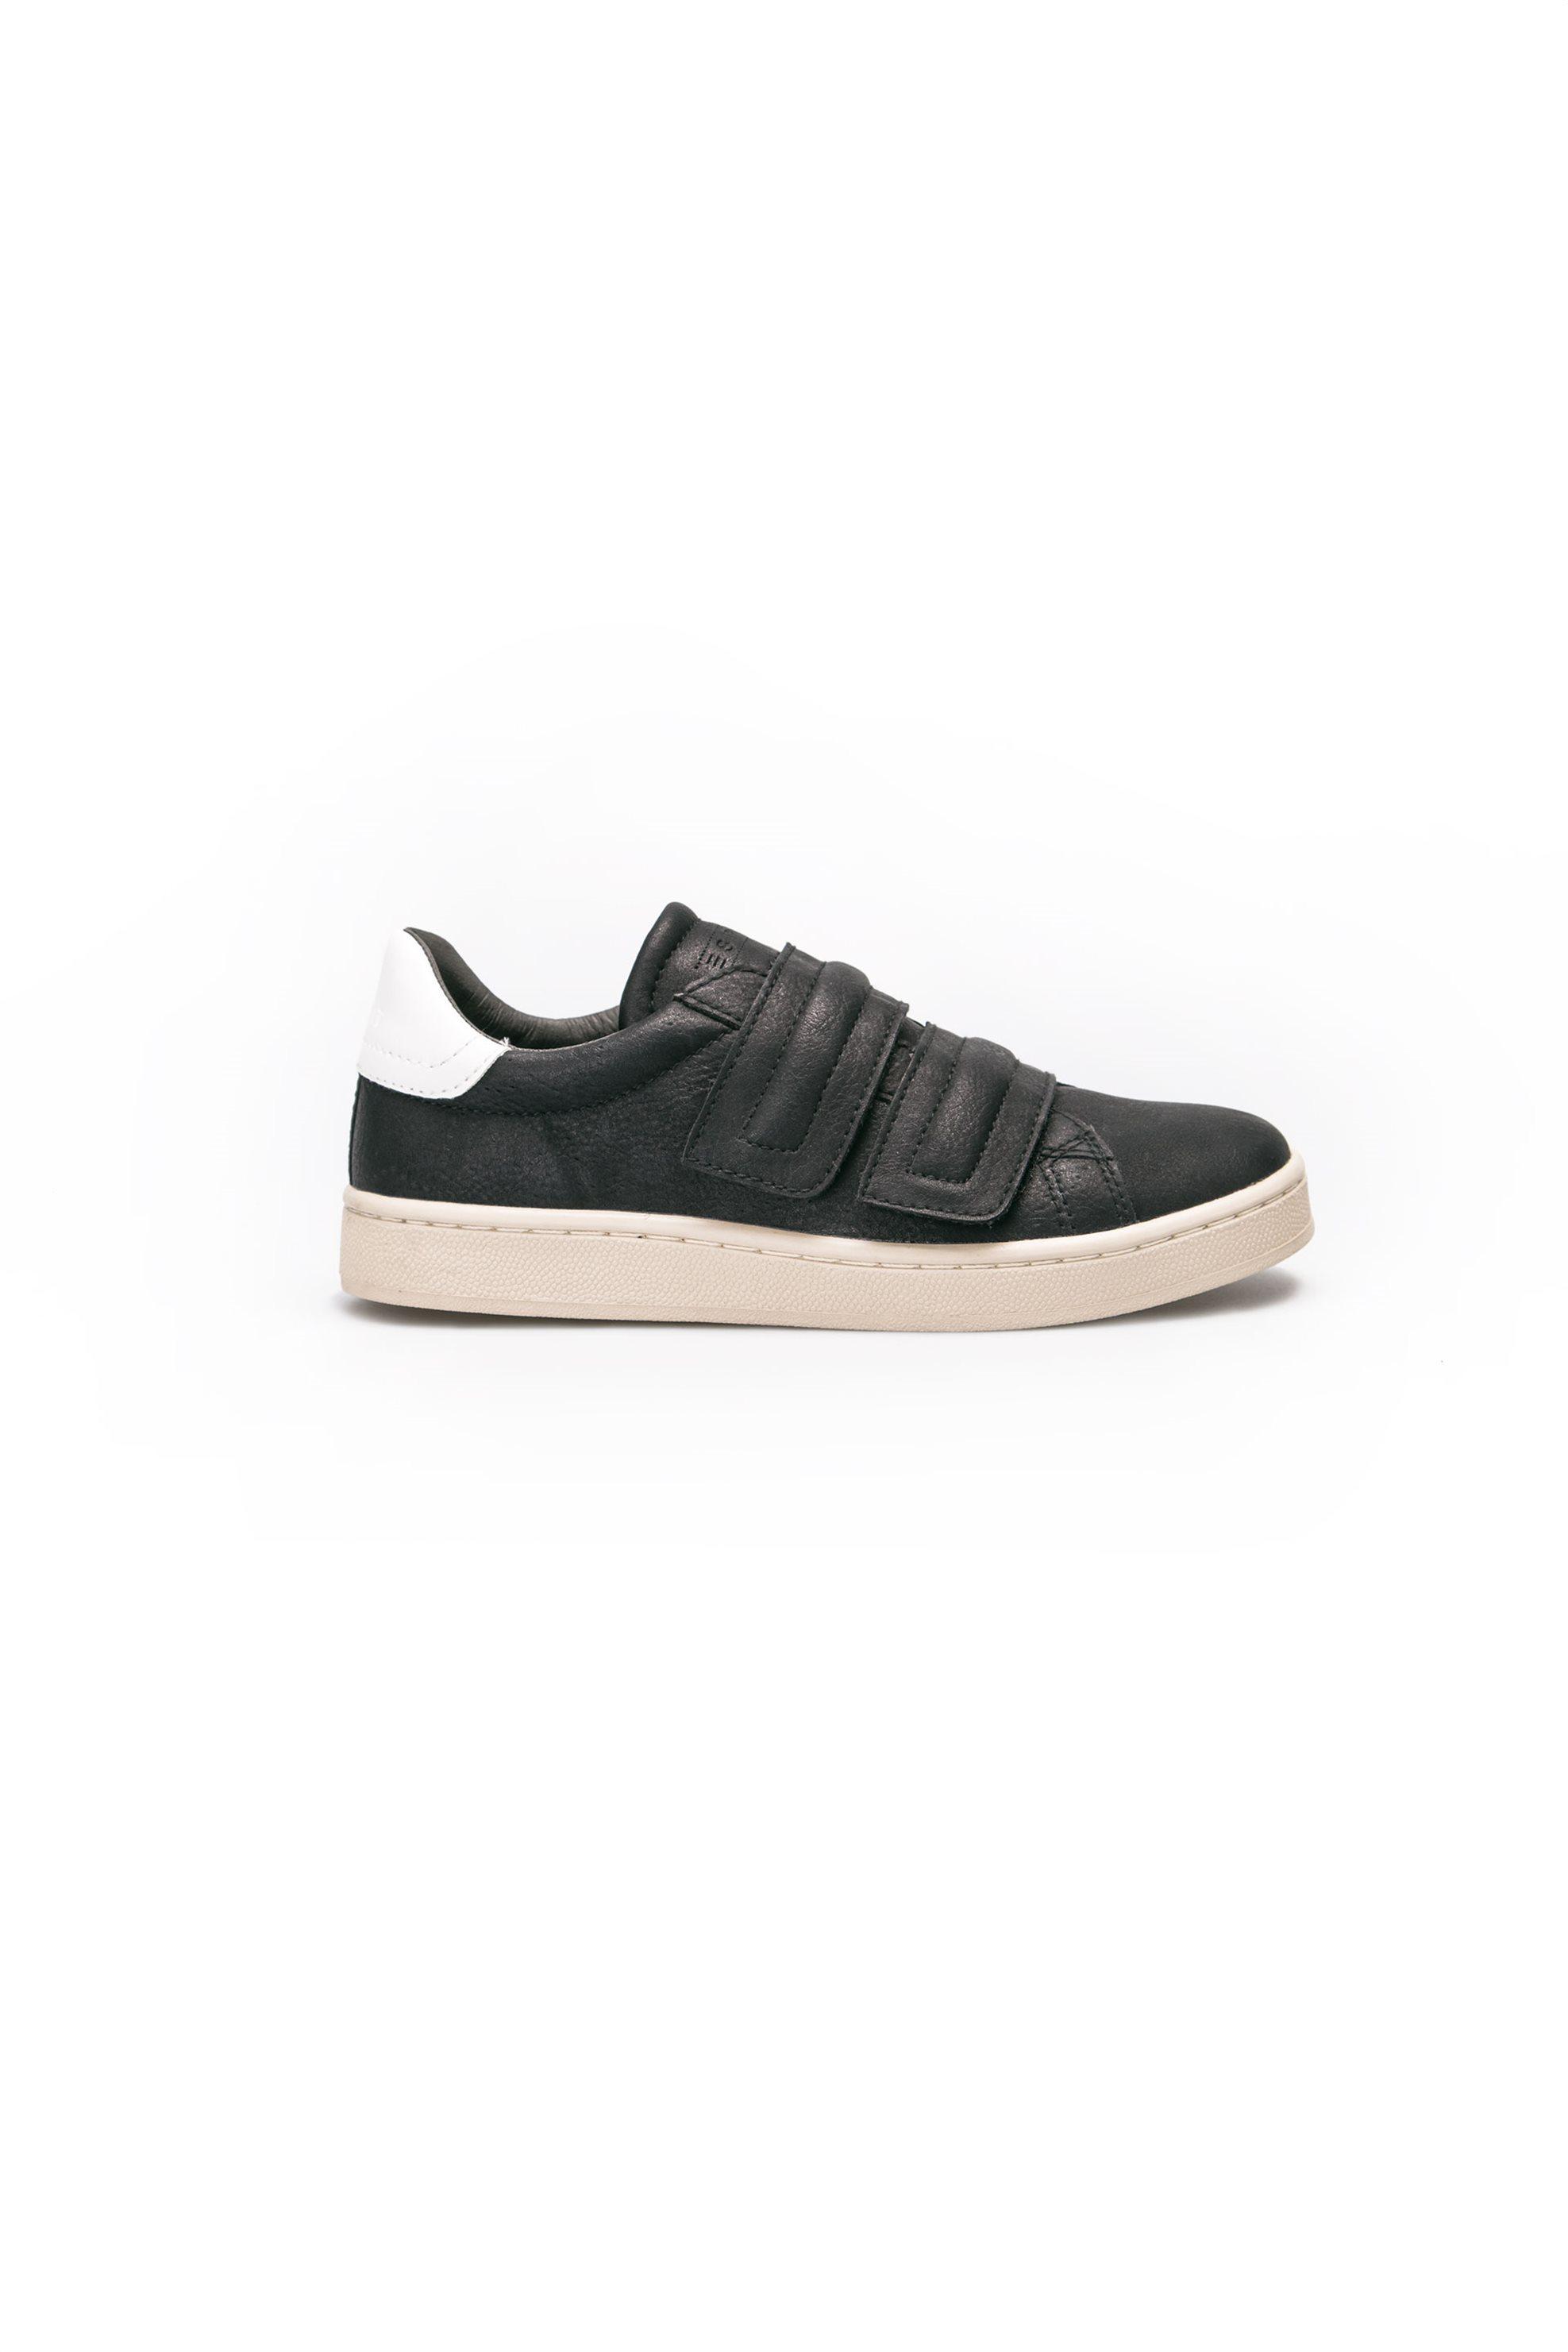 Γυναικεία παπούτσια Esprit - 087EK1W020 - Μαύρο γυναικα   παπουτσια   trainers   sneakers   χωρίς κορδόνια